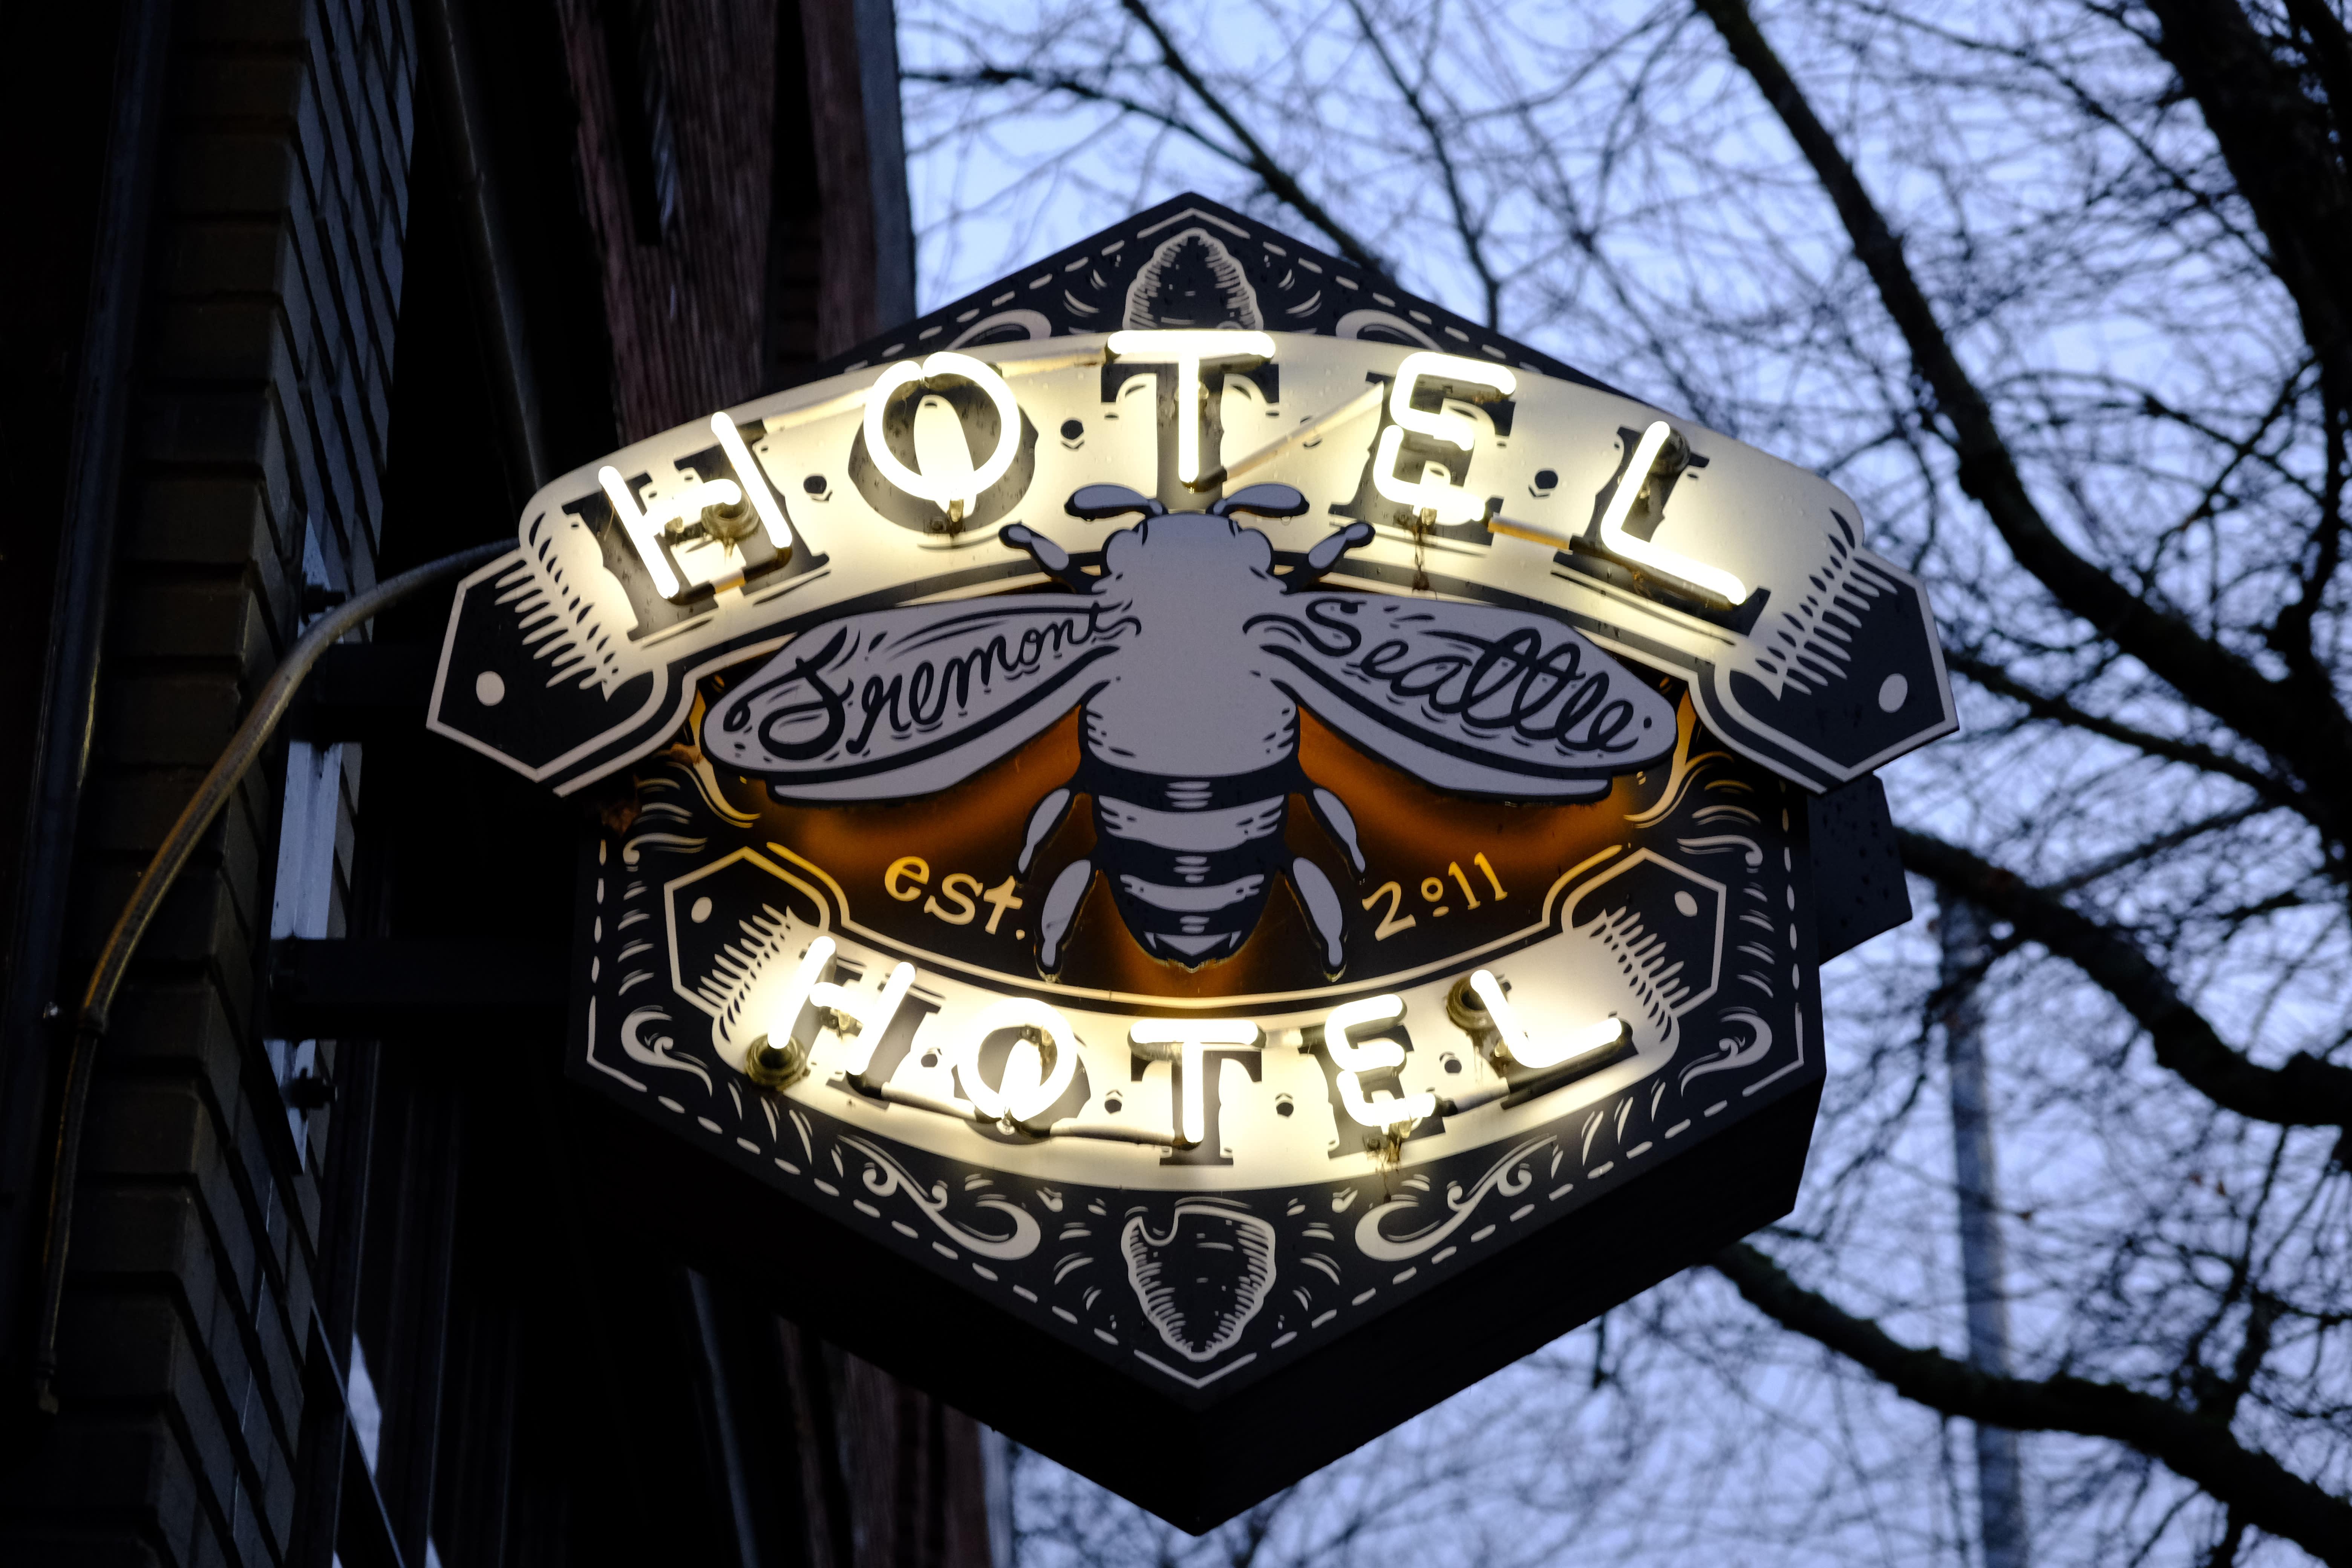 HOSTEL - HotelHotel Hostel